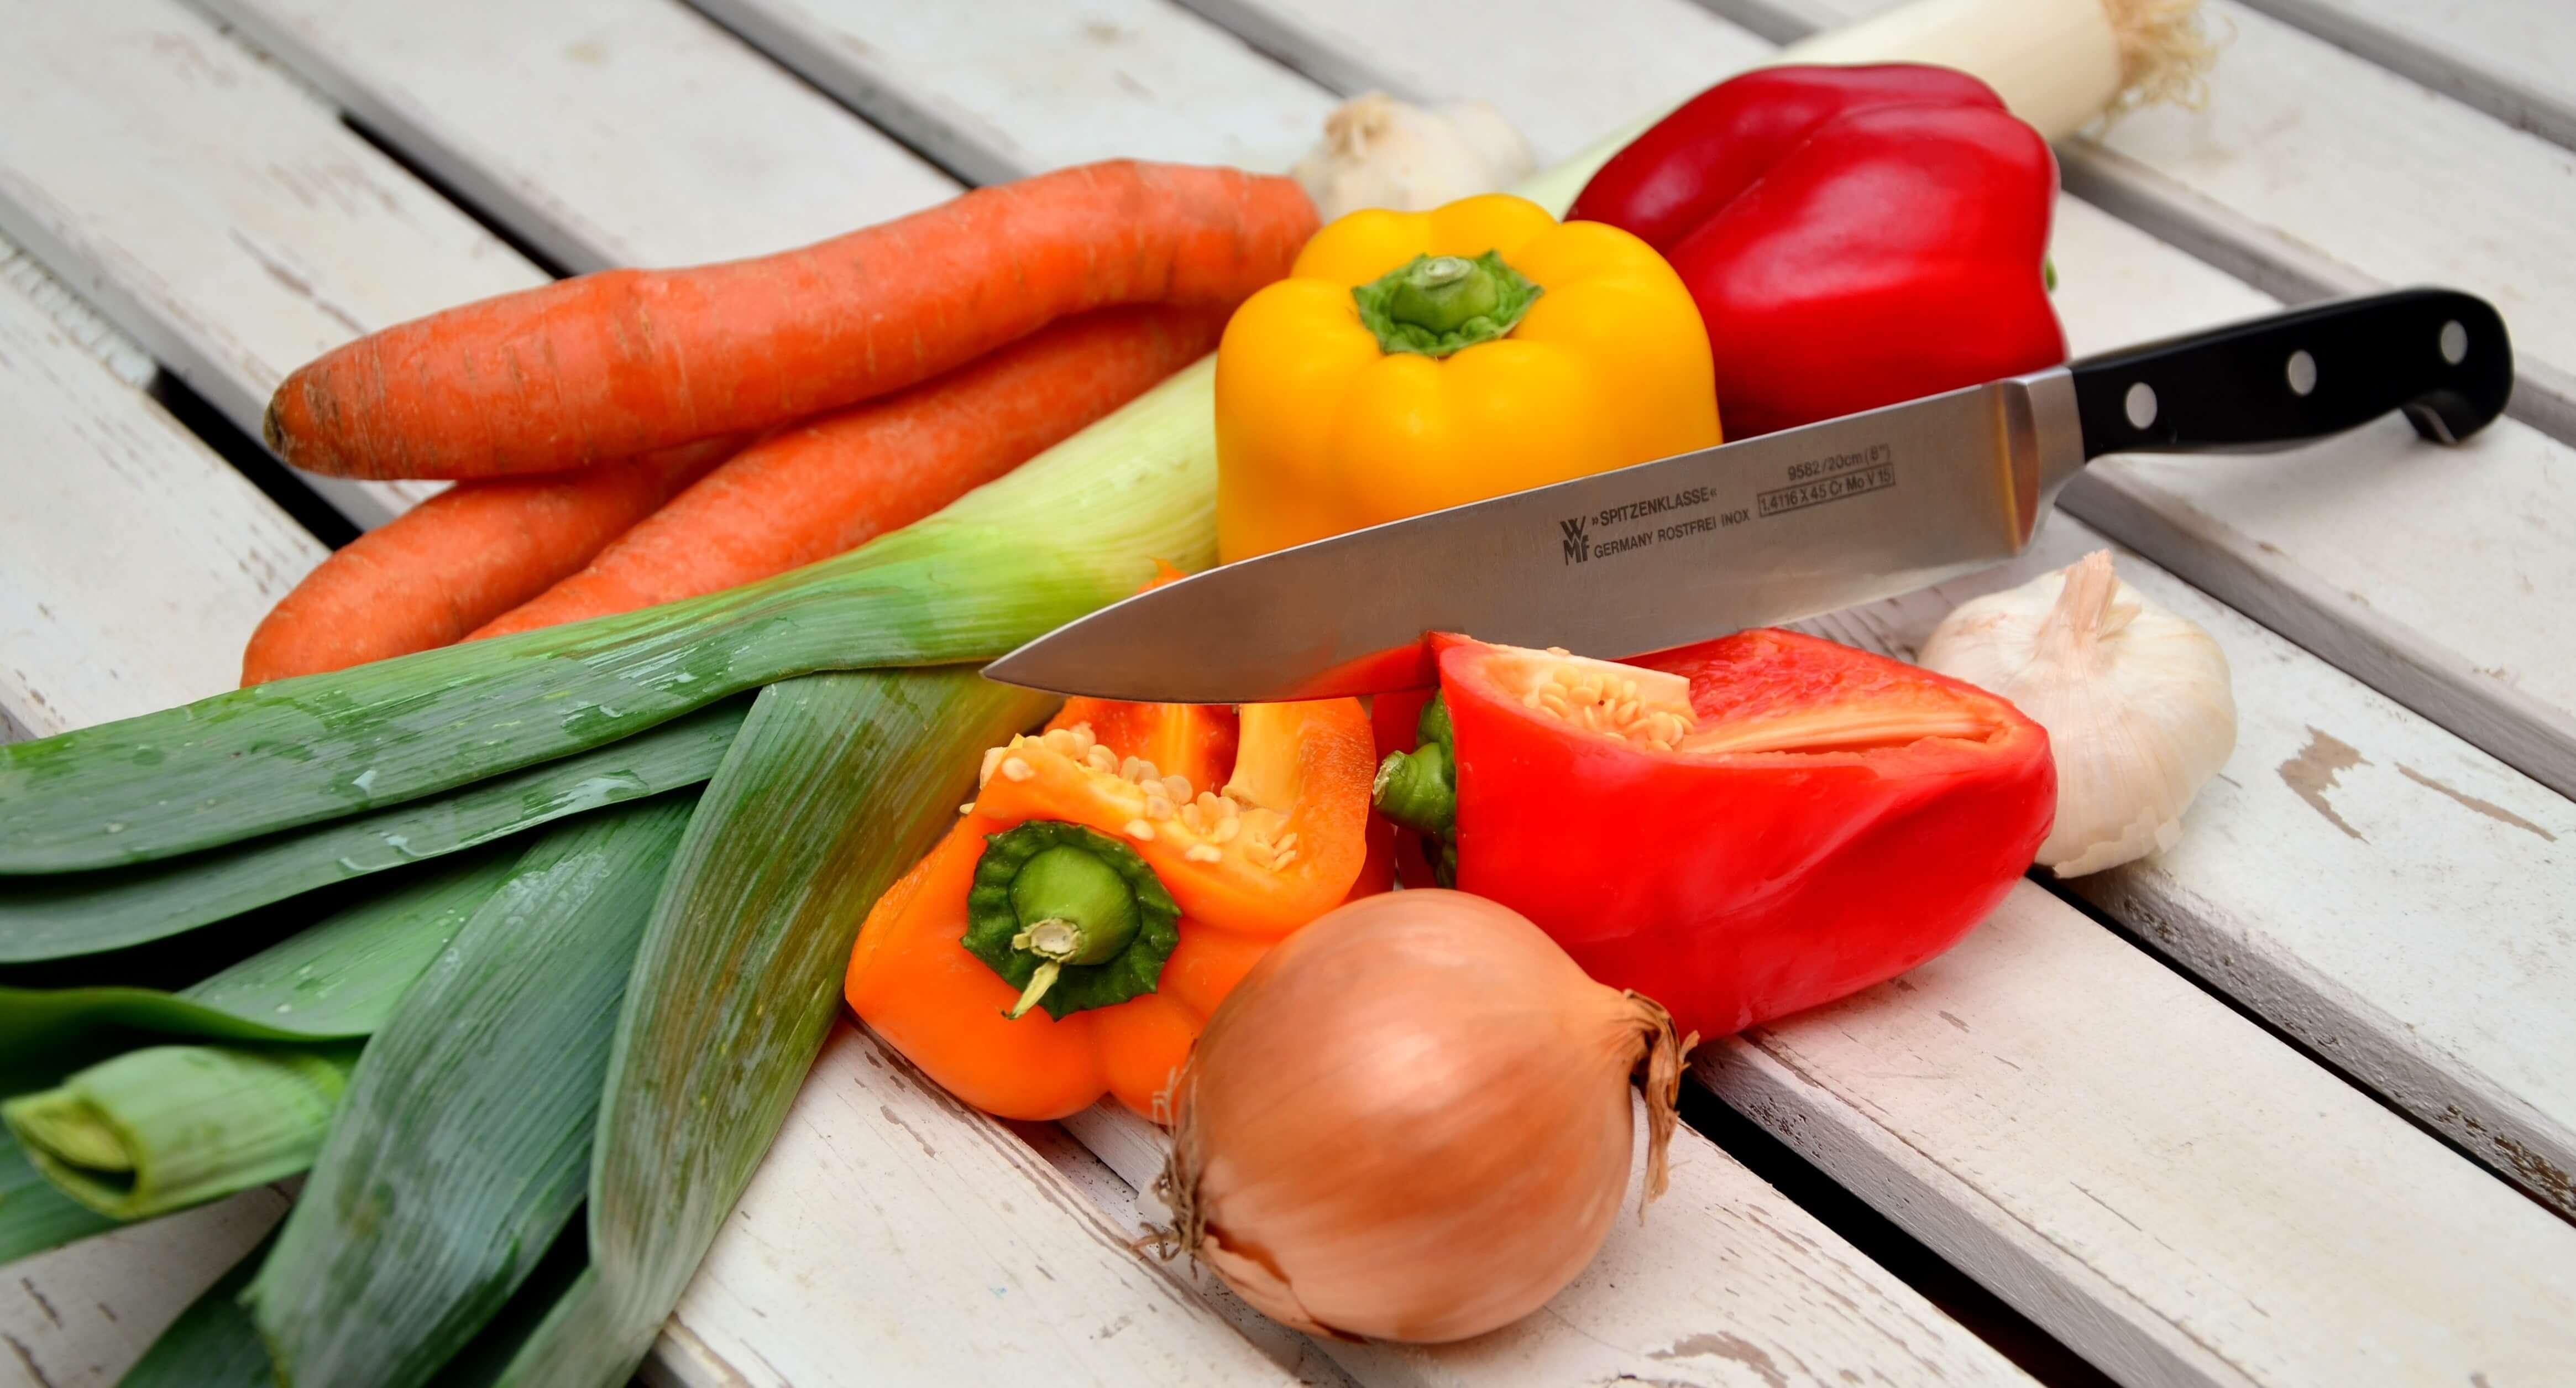 les-legumes-preferes-des-francais